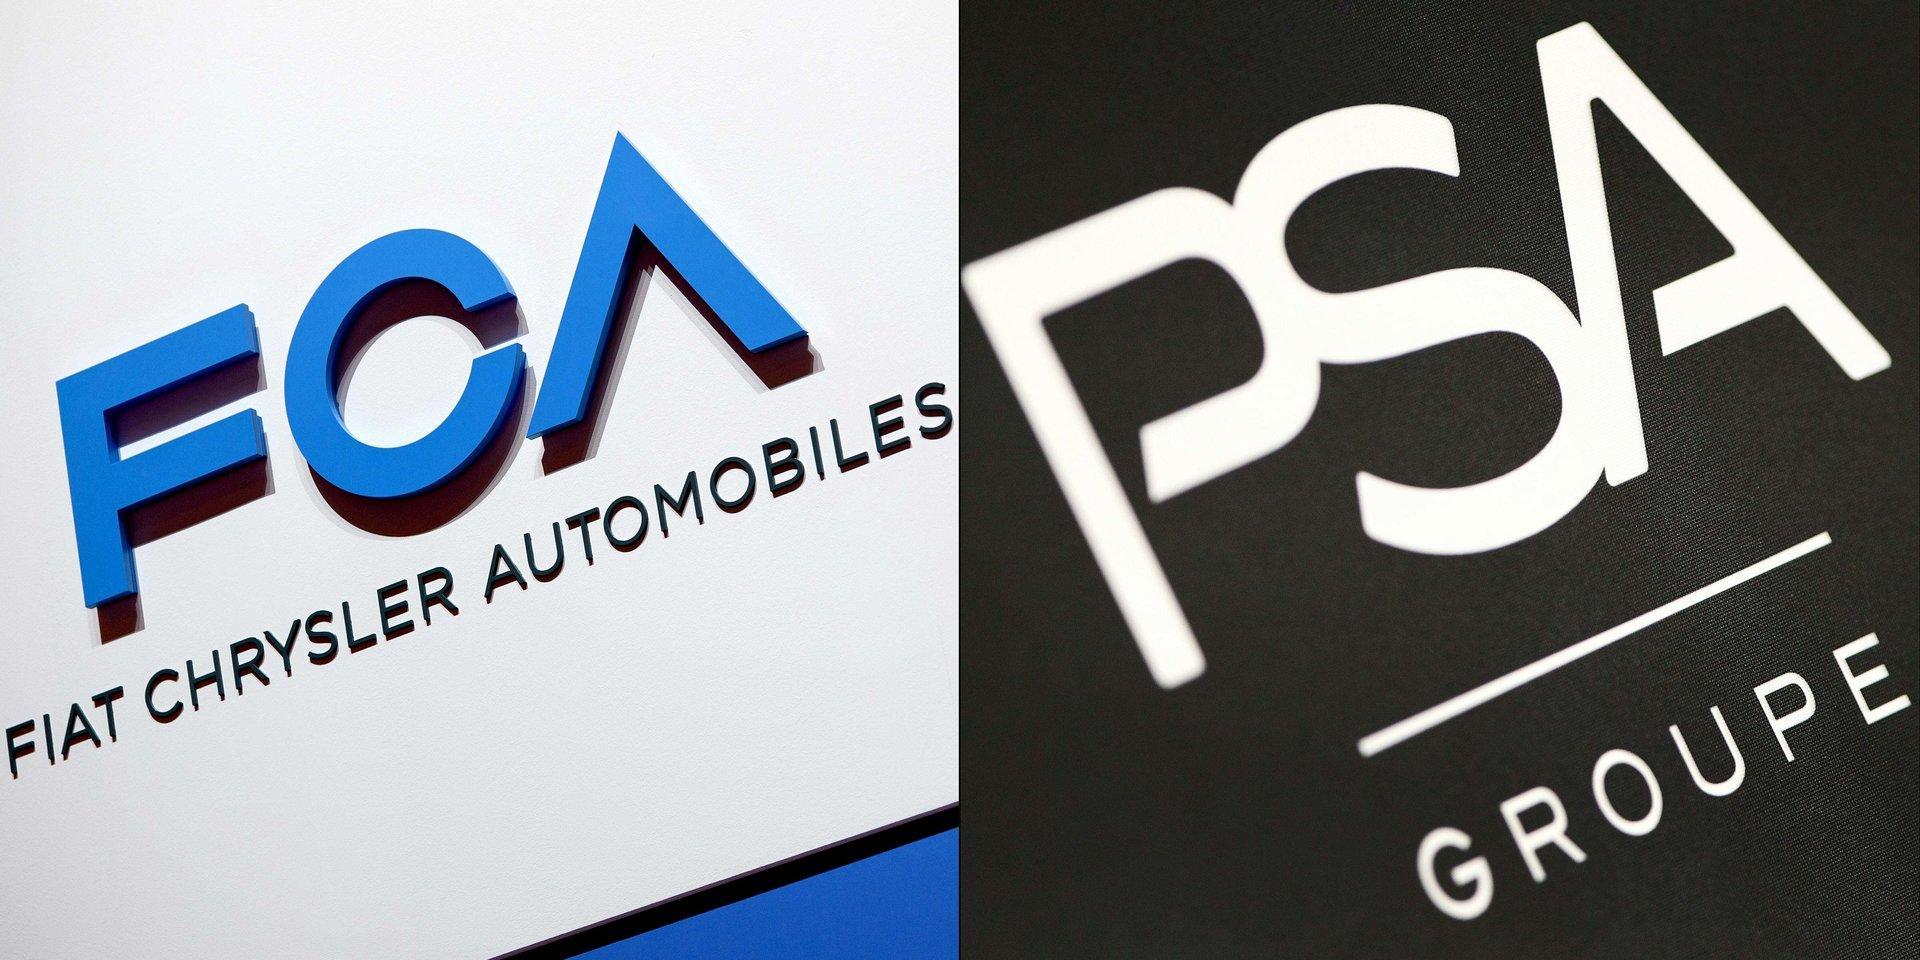 Fiat Chrysler und PSA geben sich den Namen Stellantis